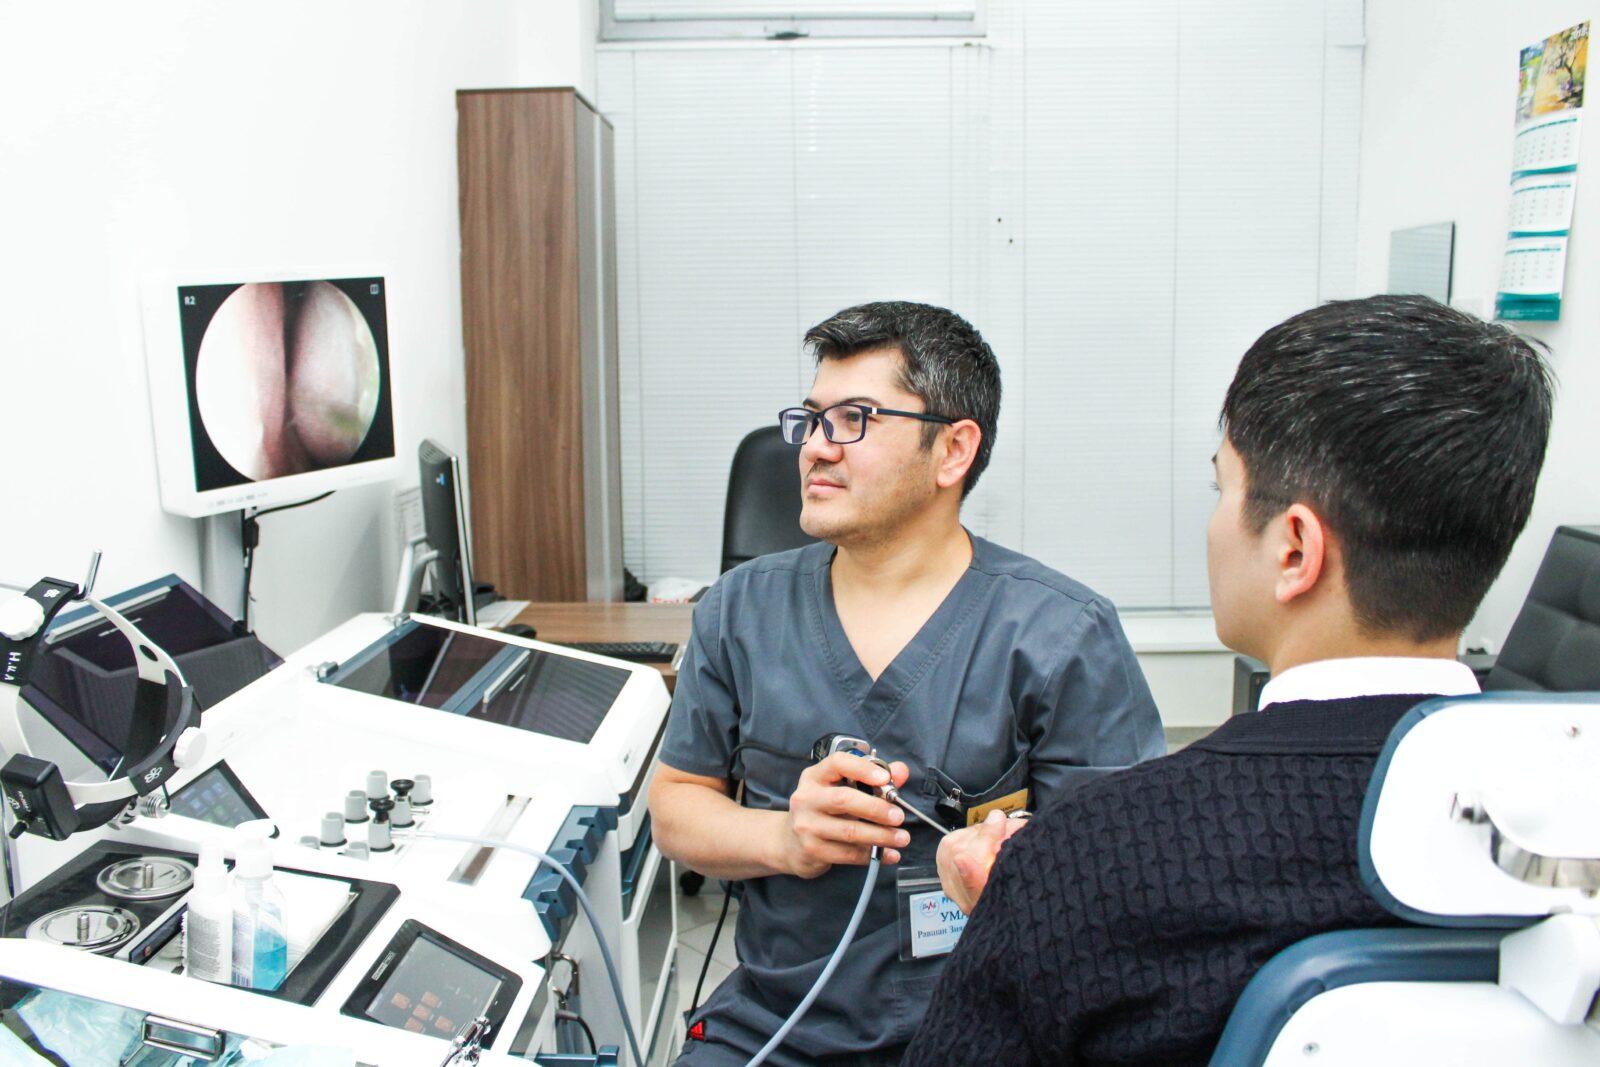 Услуги отоларингологии в медицинском центре Profmed в Ташкенте